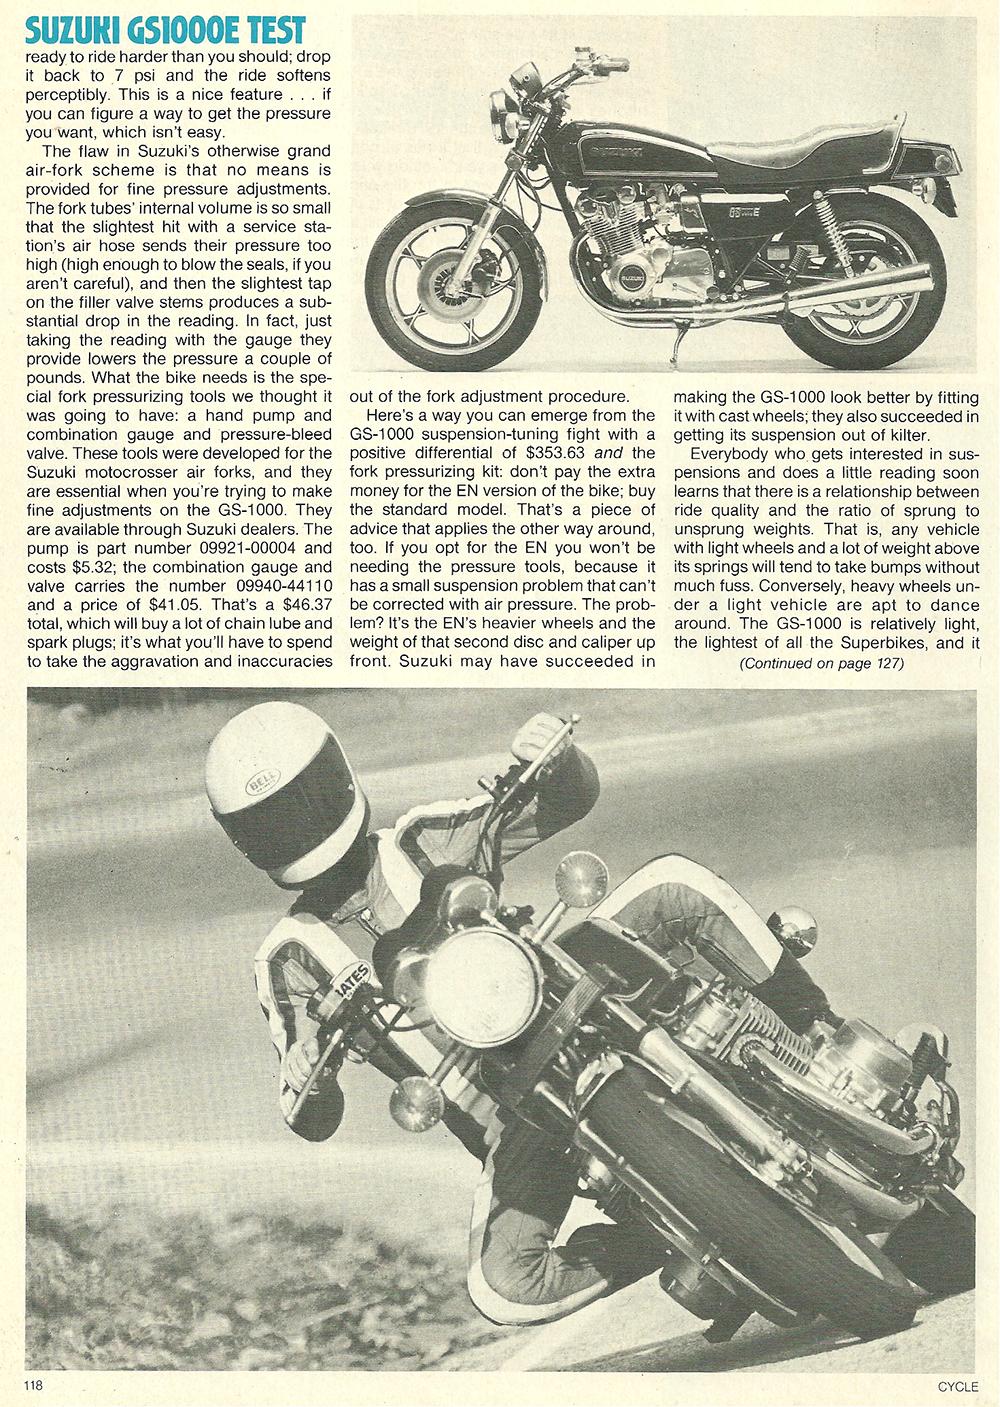 1979 Suzuki GS1000E road test 07.jpg